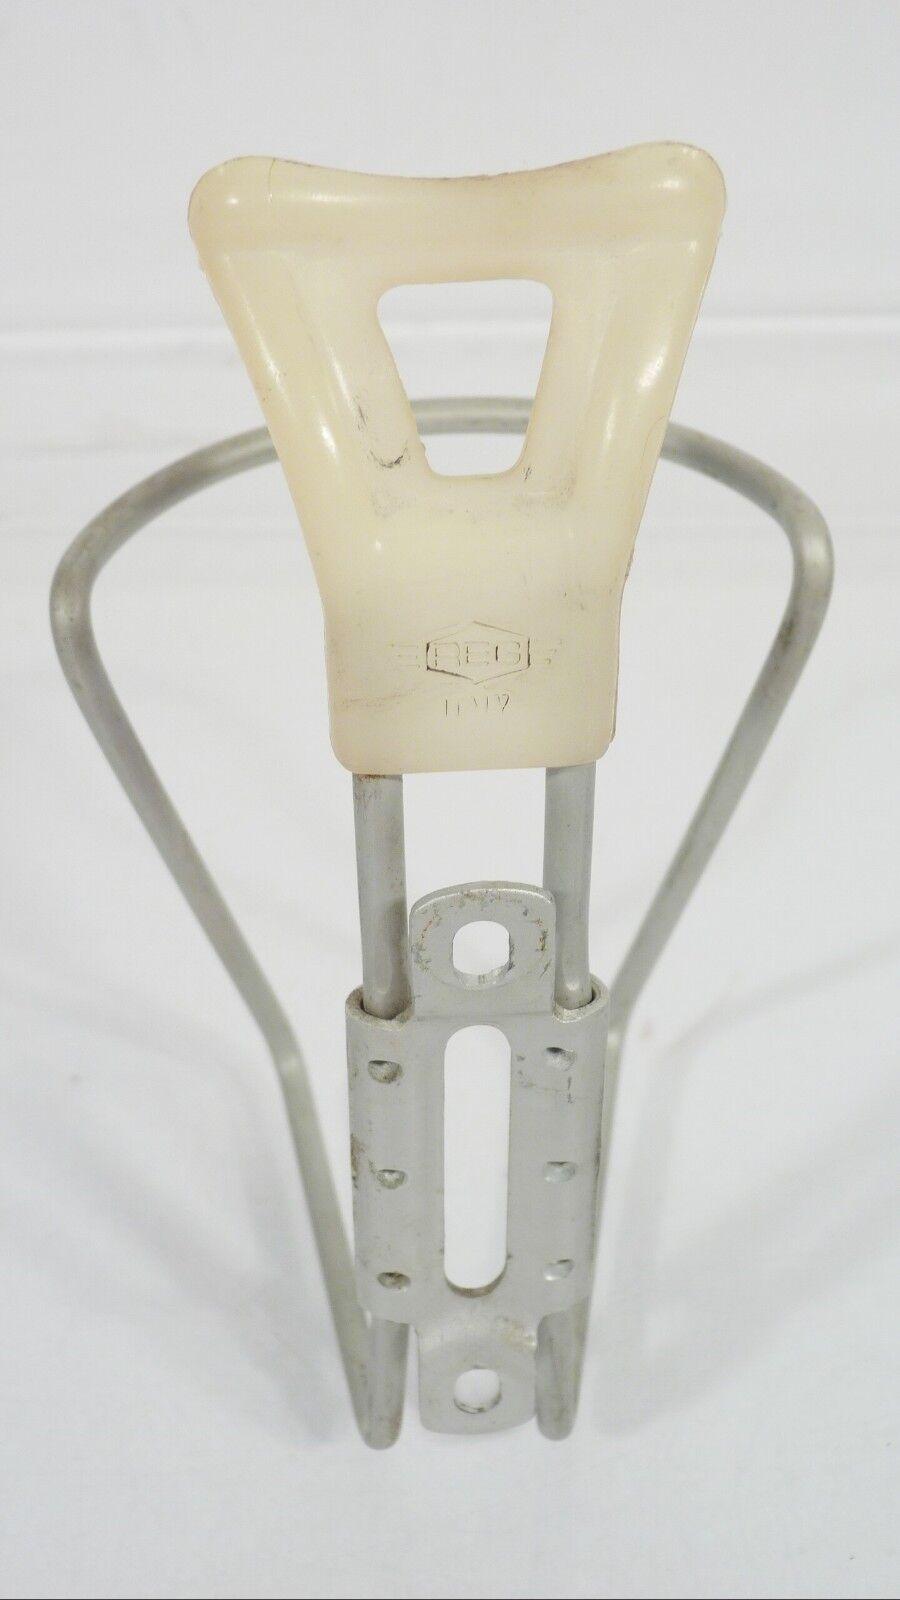 REG Italy Flaschenhalter KULT MTB Rennrad CROSS CROSS CROSS 45g 80/90er Vintage plata R.E.G 14eaca